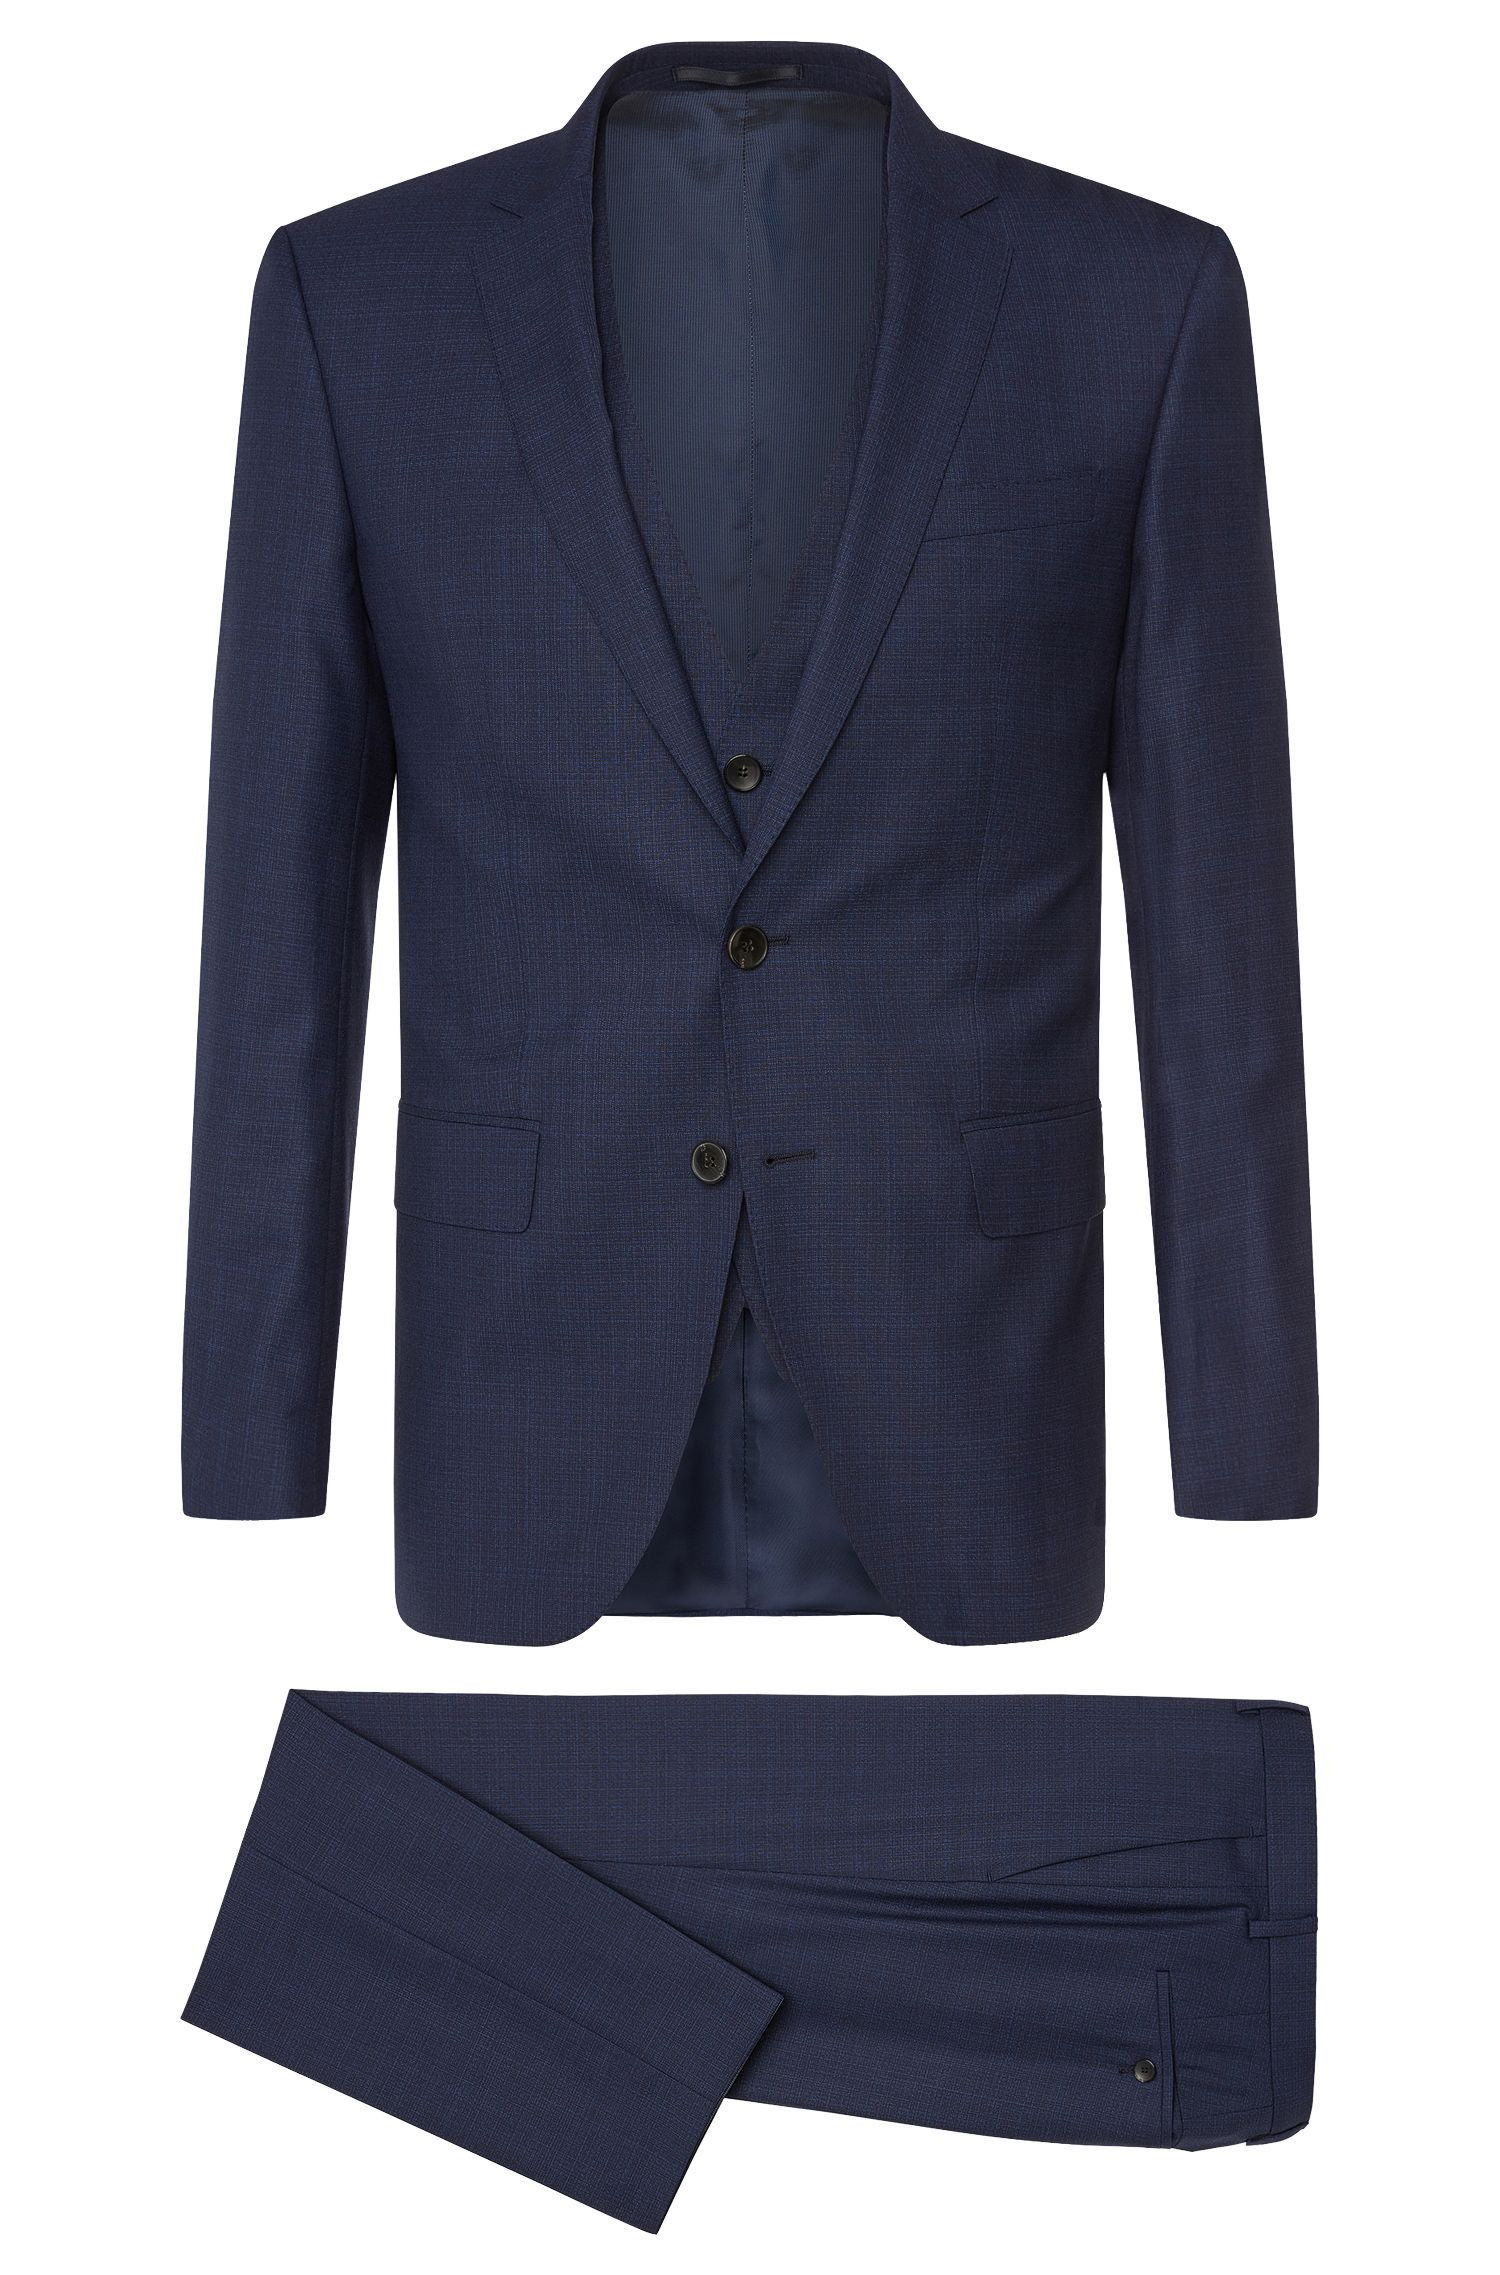 Italian Super 130 Virgin Wool 3-Piece Suit, Slim Fit | Huge/Genius WE